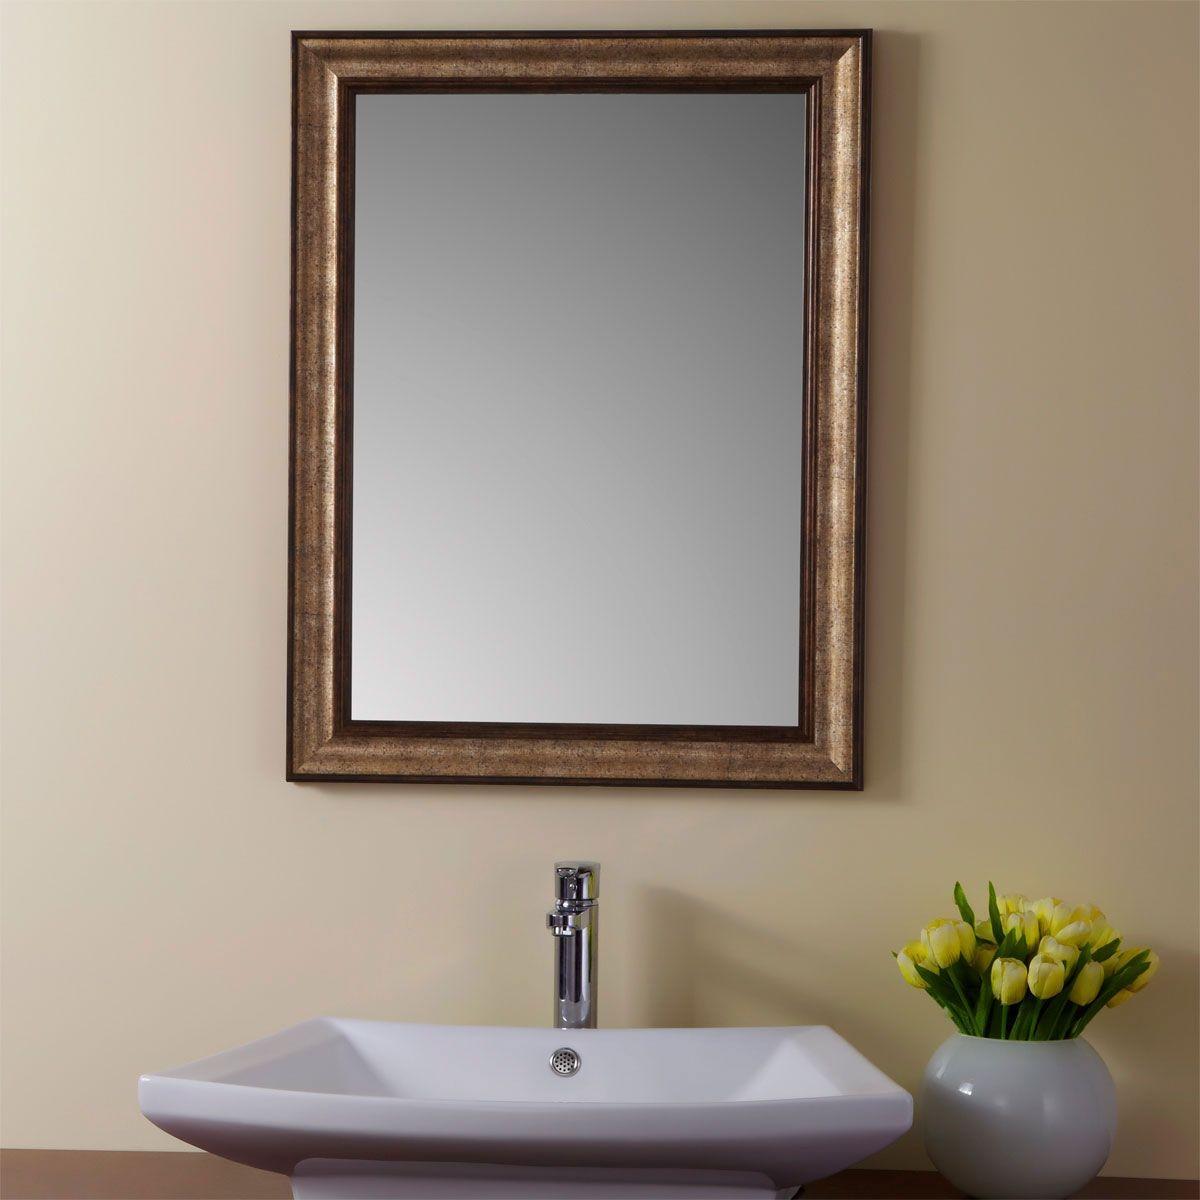 24 x 32 po Miroir Réversible avec Cadre en Bois Imitation de Salle de Bains (YJ-1951H)